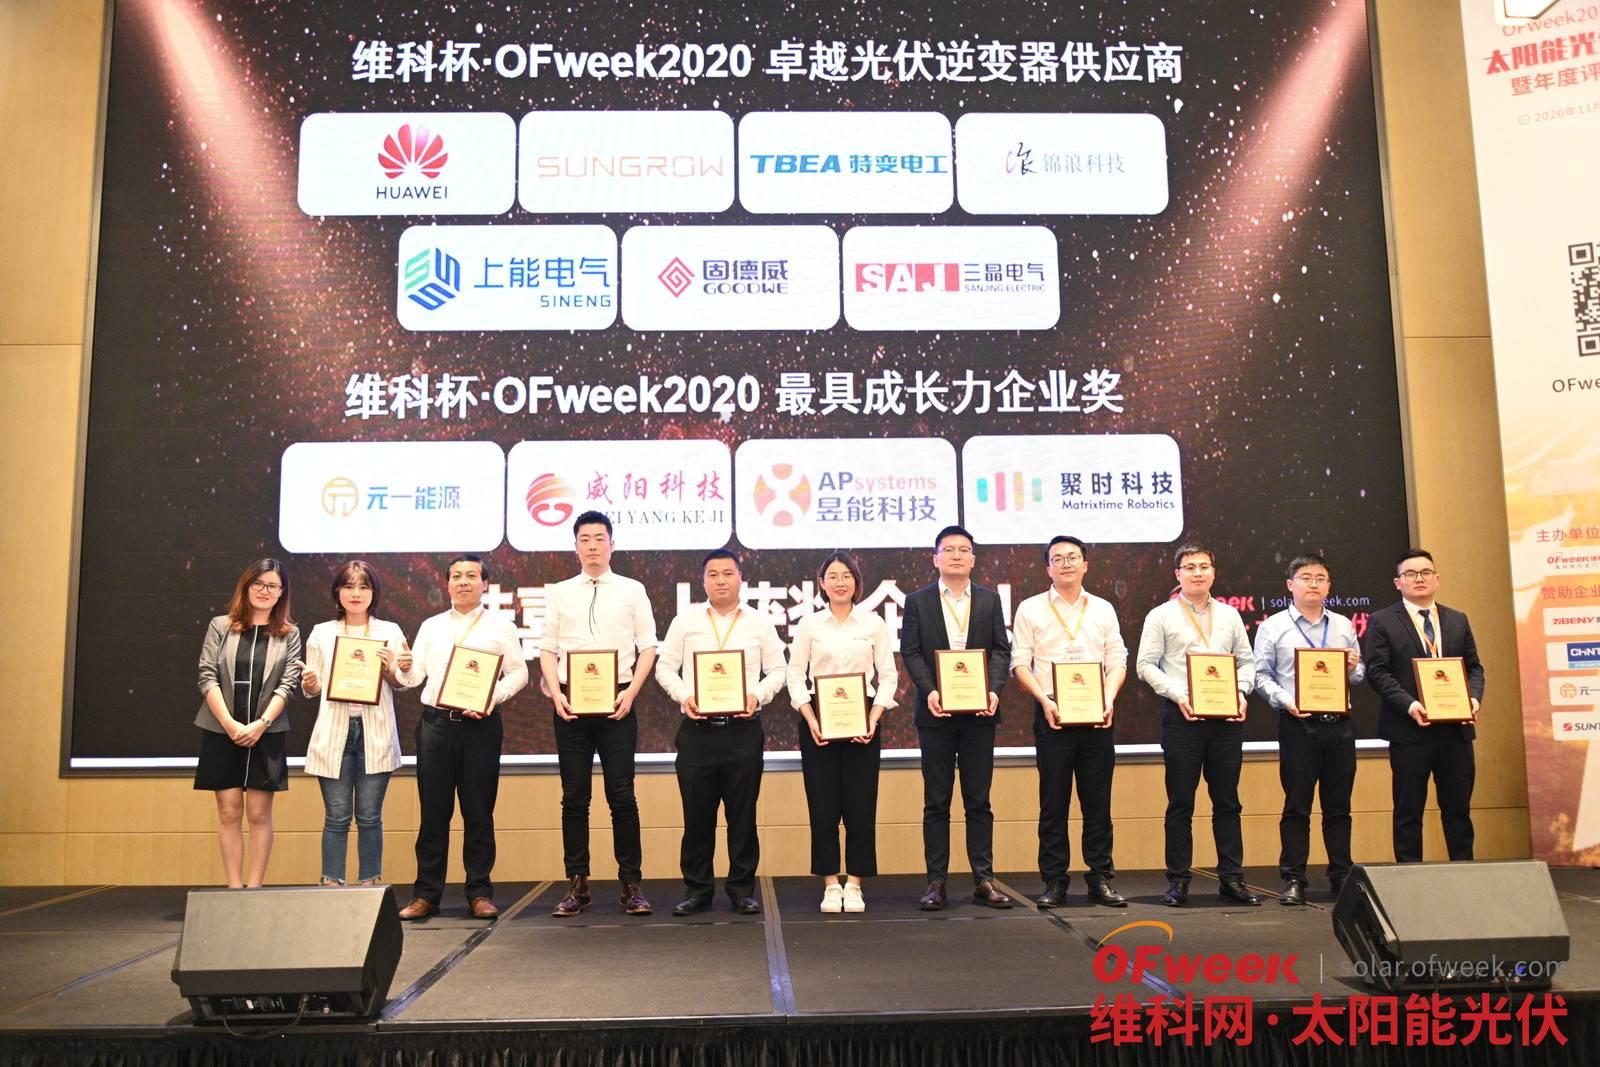 江苏固德威电源科技股份有限公司荣获维科杯·OFweek2020卓越光伏逆变器供应商